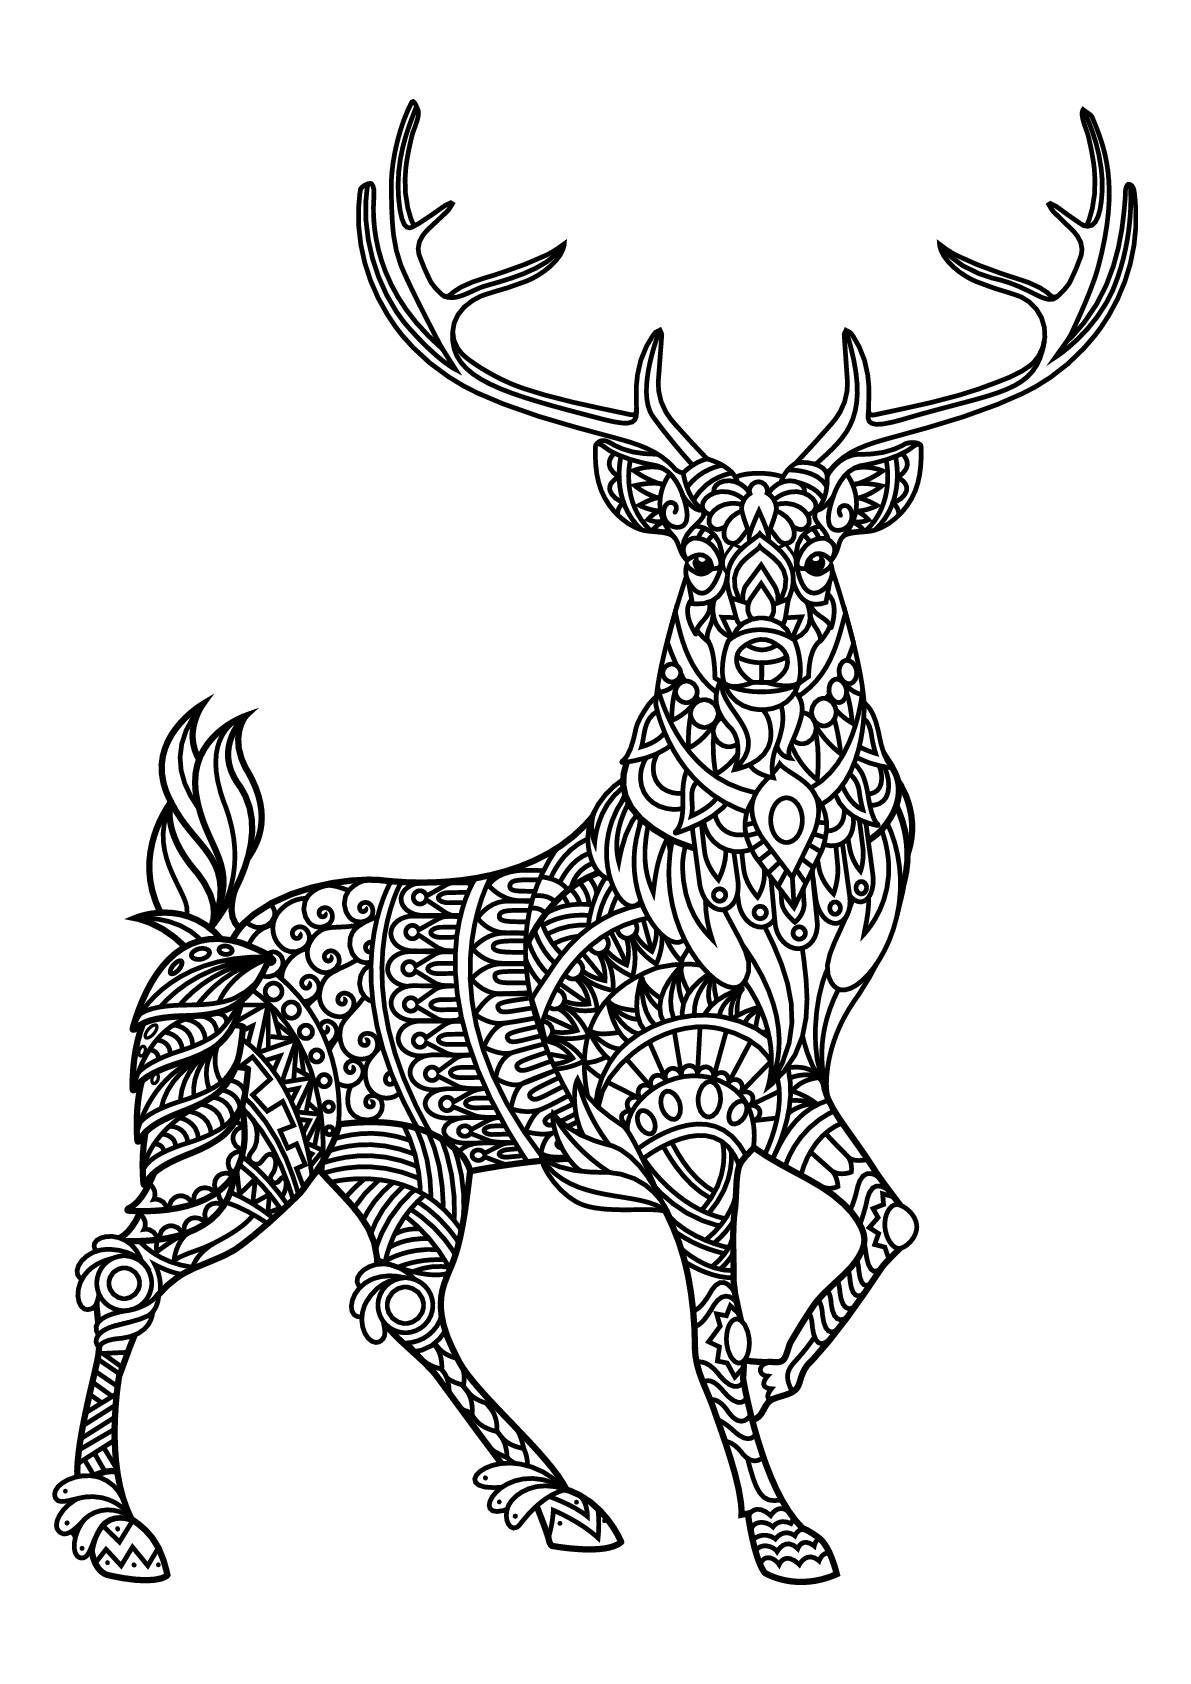 Cerf, avec motifs harmonieux et complexes